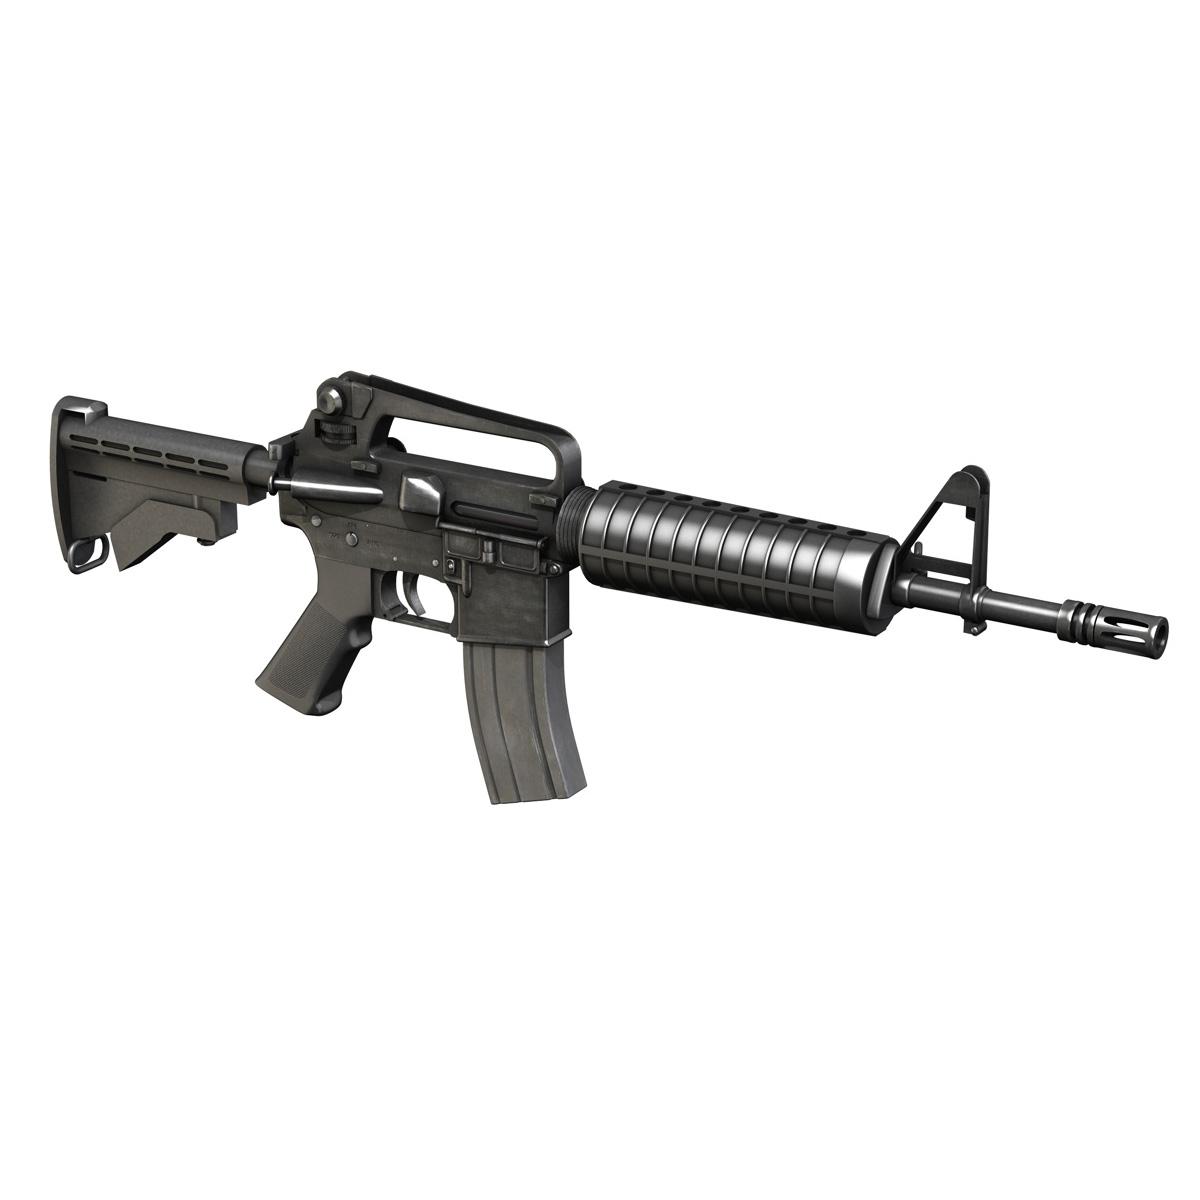 colt m4 commando assault rifle 3d model 3ds fbx c4d lwo obj 187499